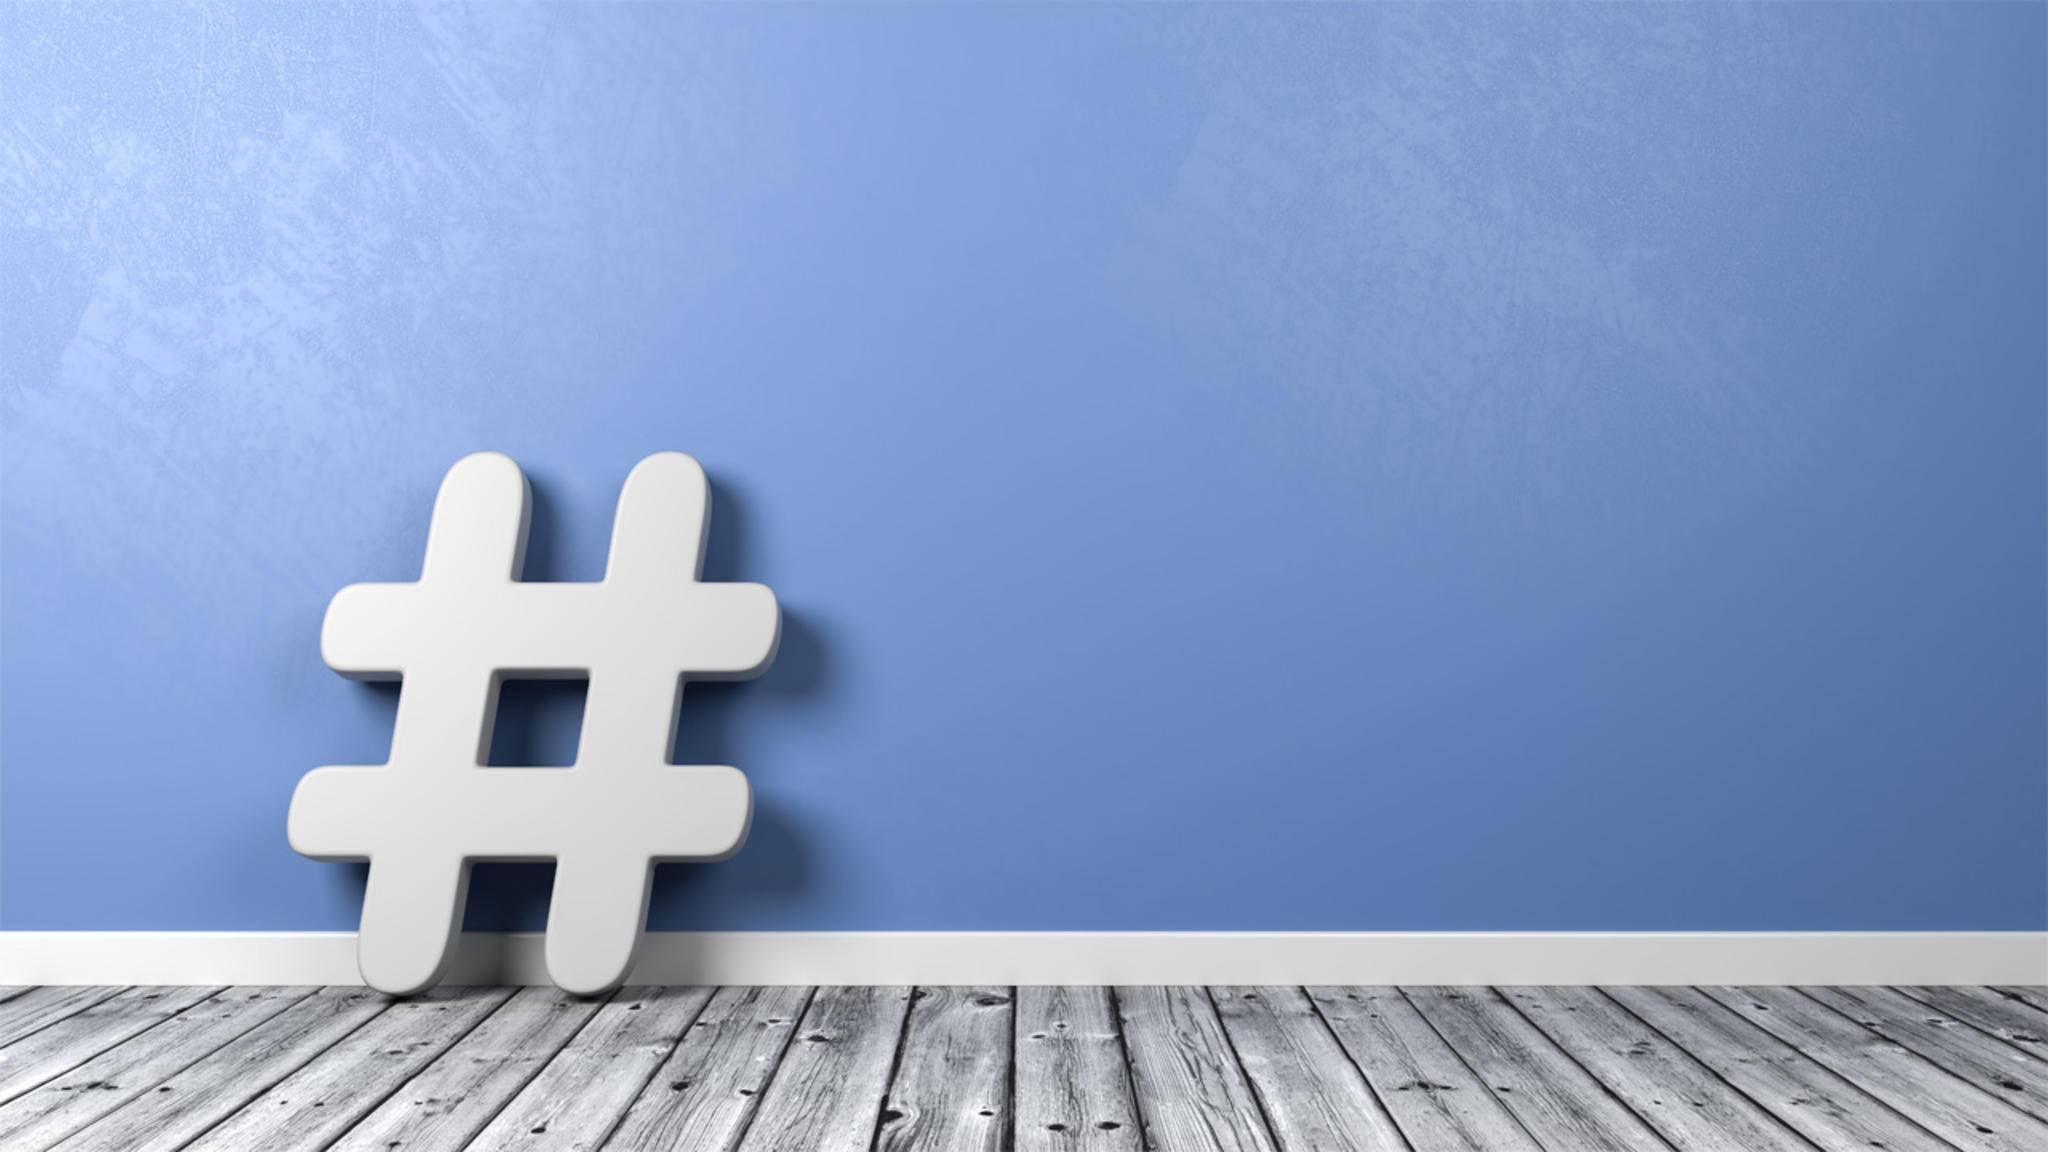 Bekannt wurden Hashtags durch den Kurznachrichtendienst Twitter.